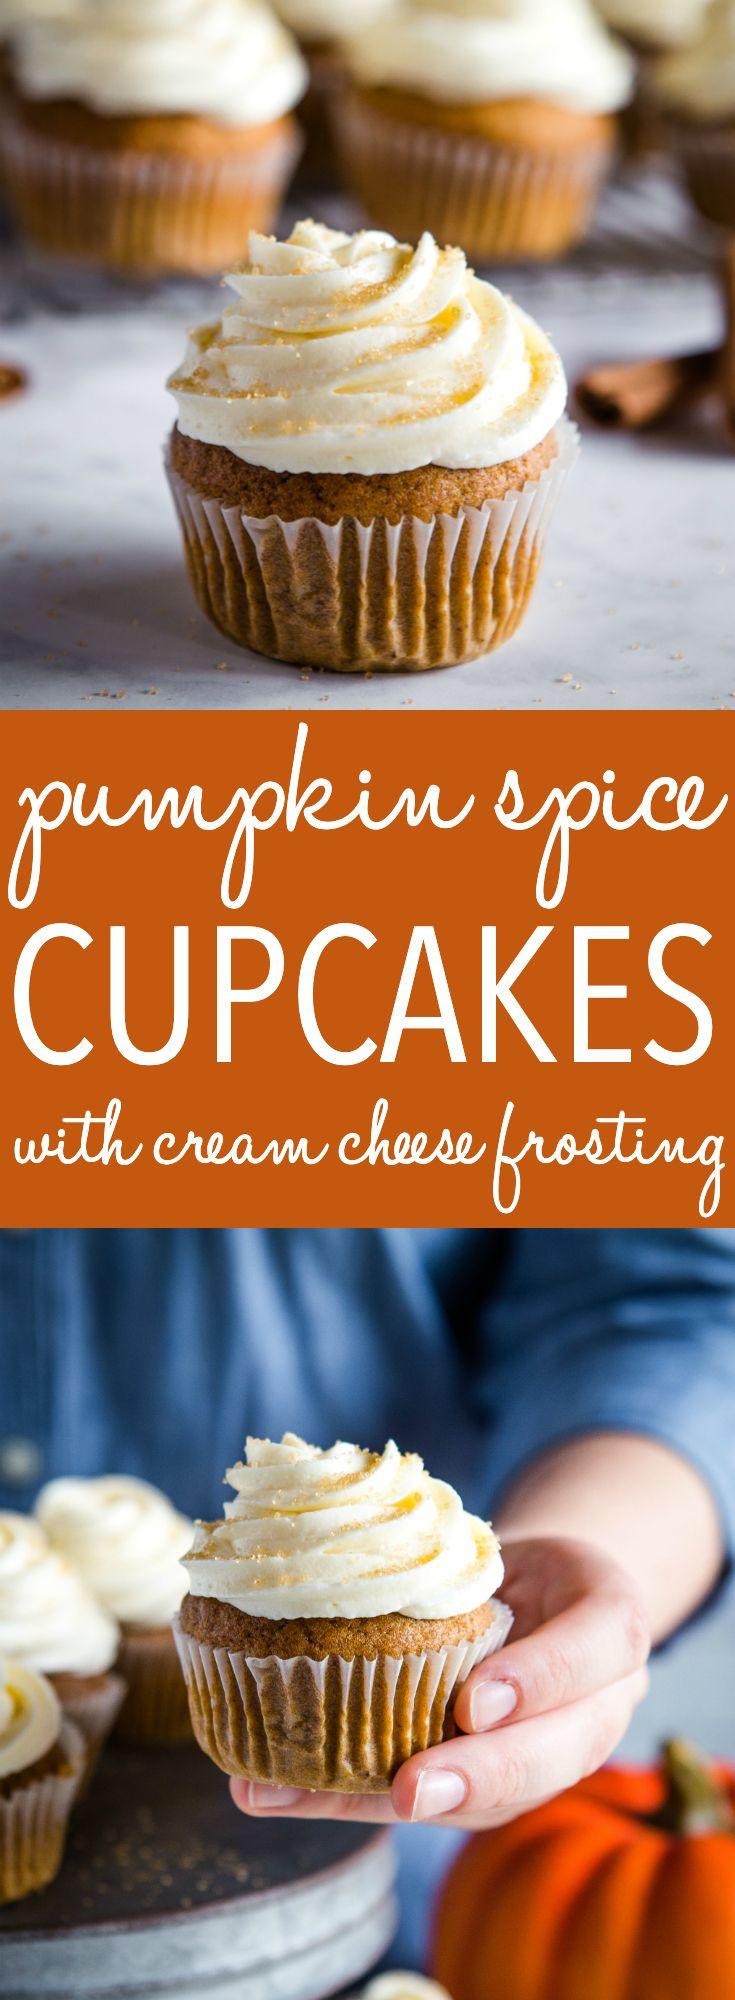 Pumpkin Spice Cupcakes #cupcakesrezepte